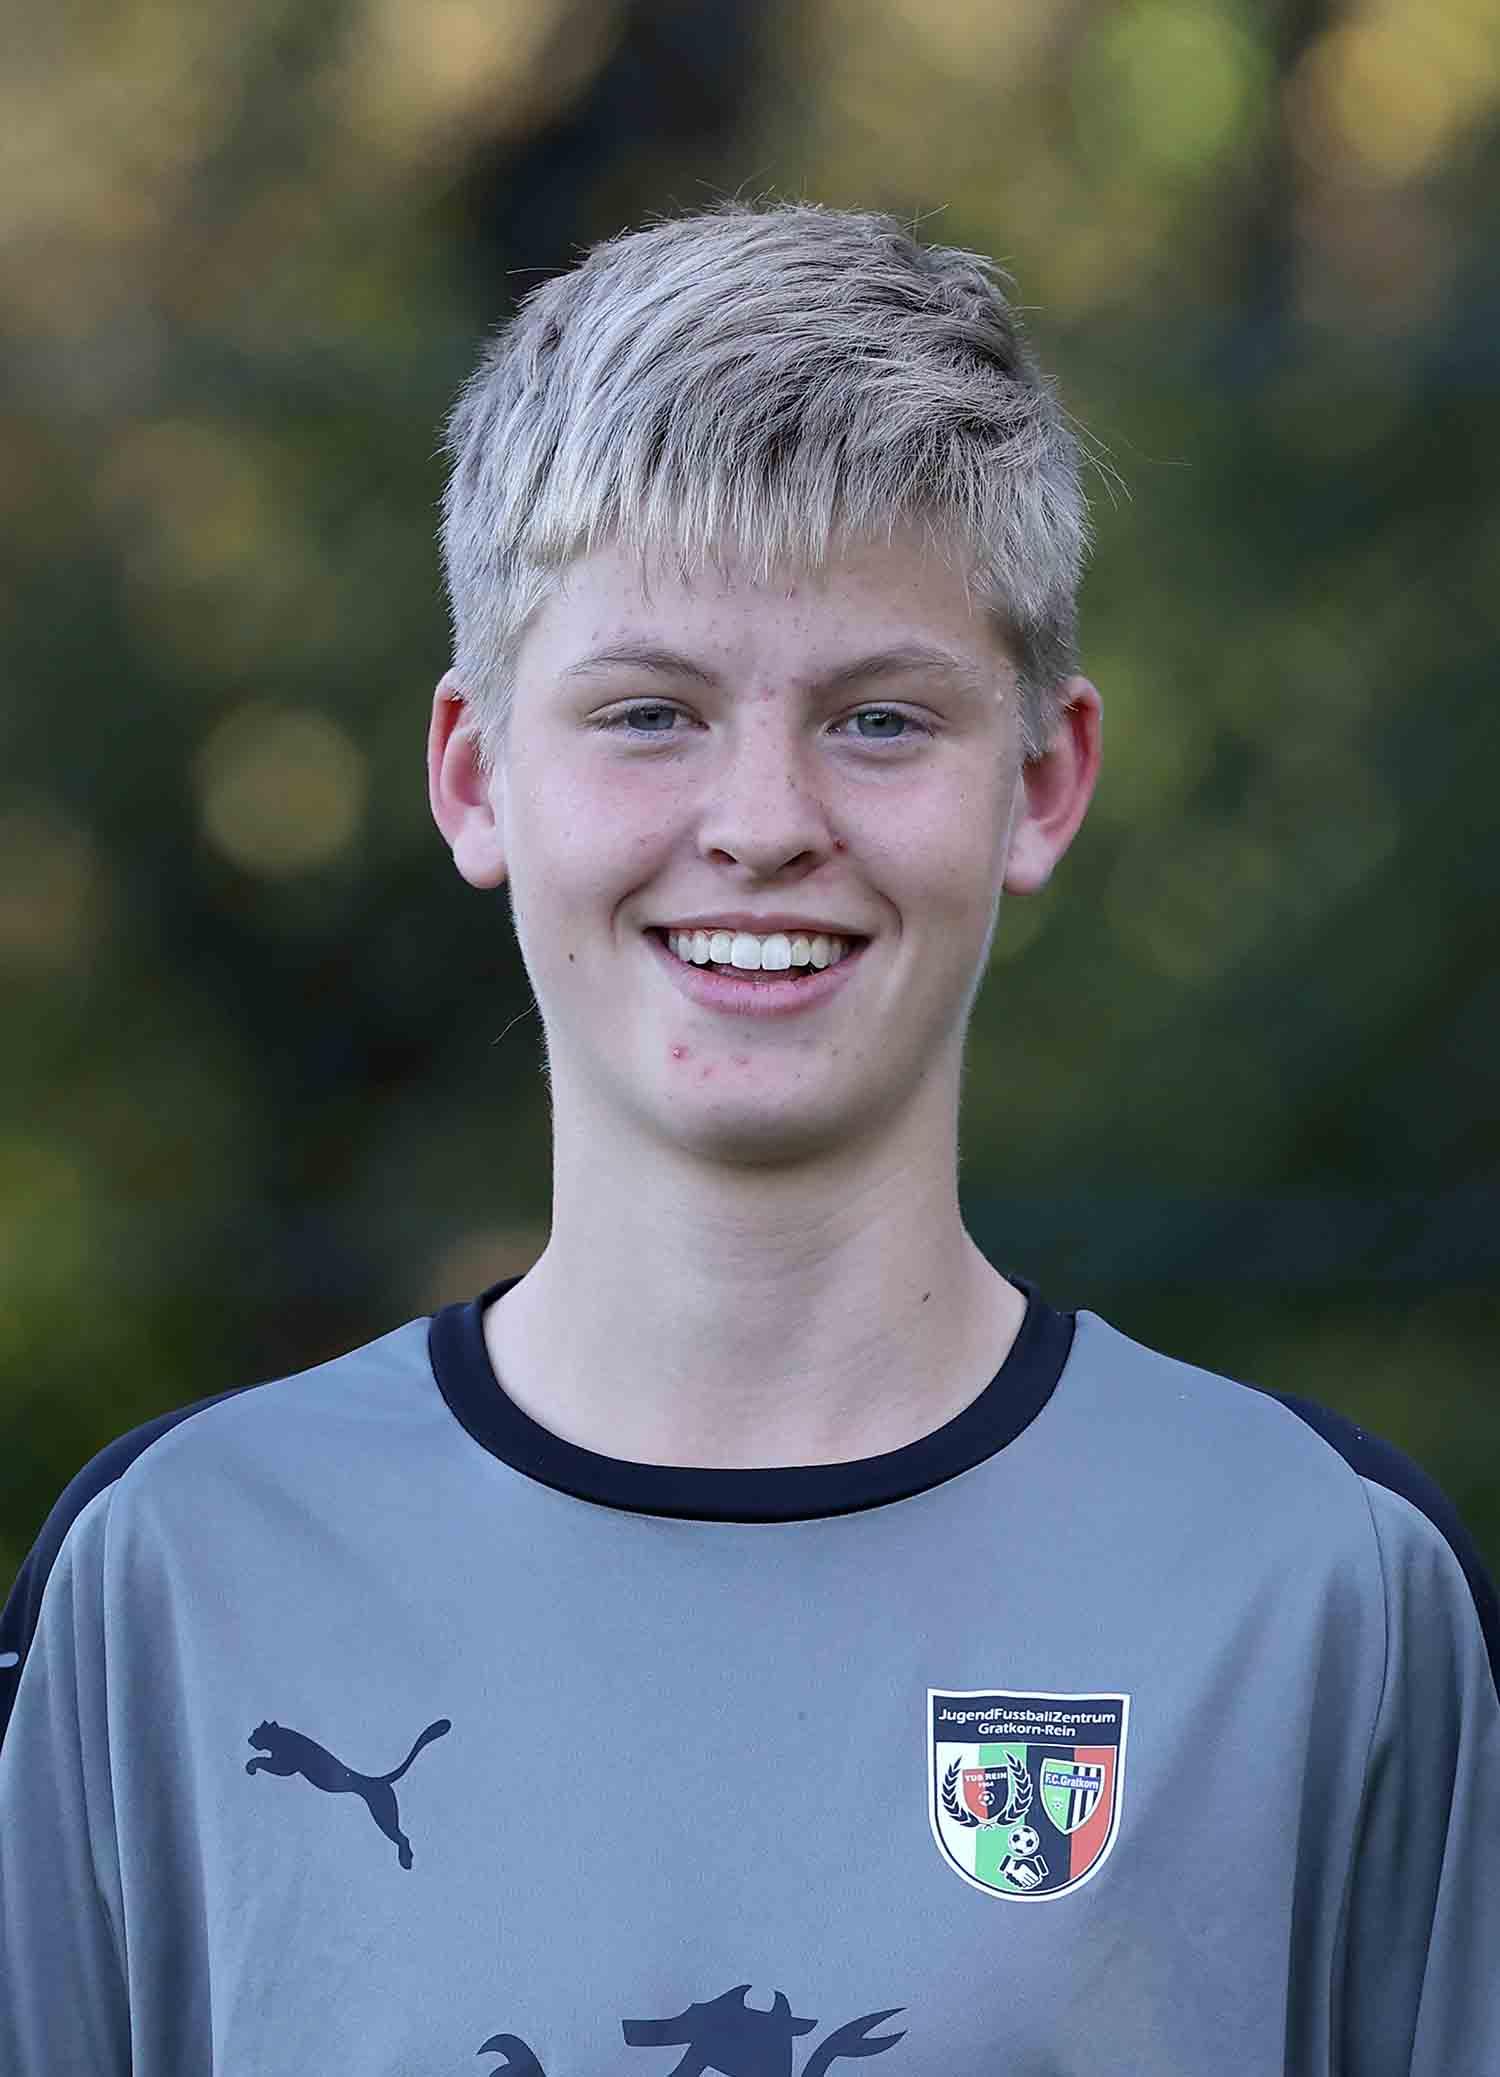 Daniel Kogler, FC Gratkorn U15